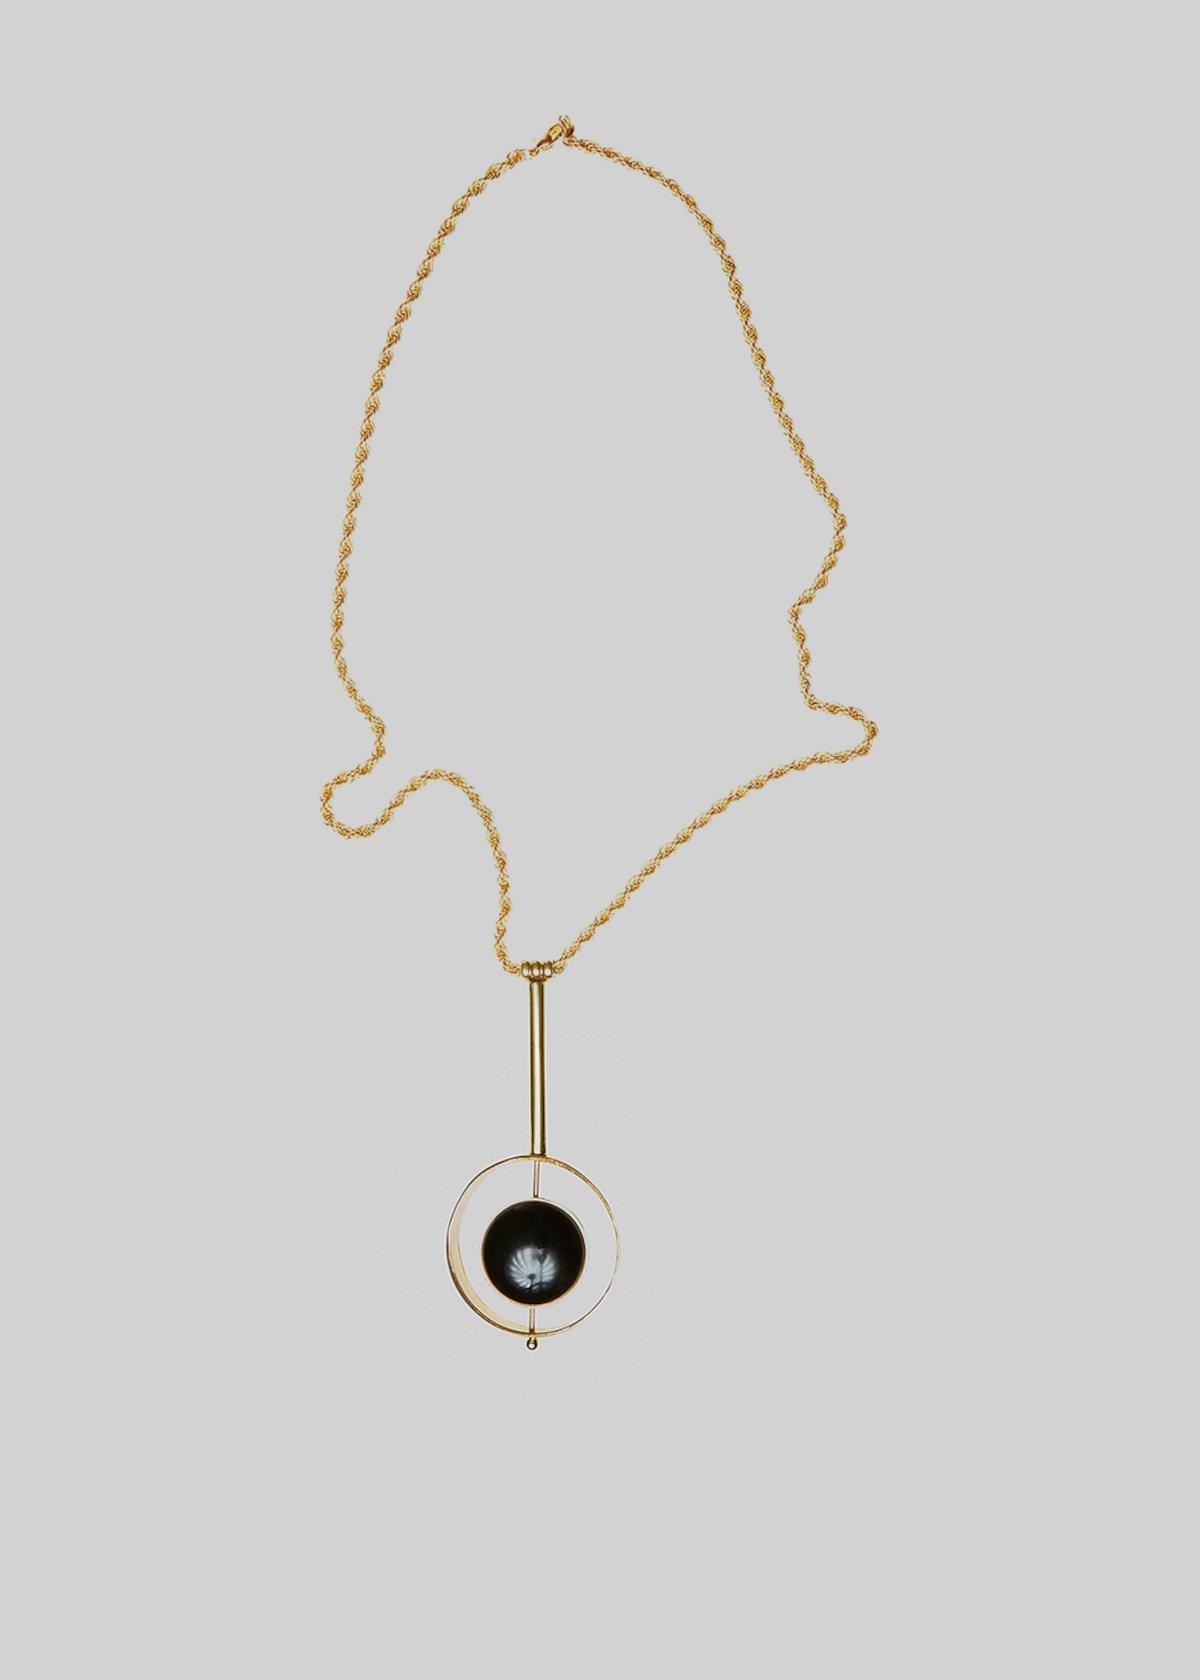 Collana Creamy metallica con dettaglio round circle